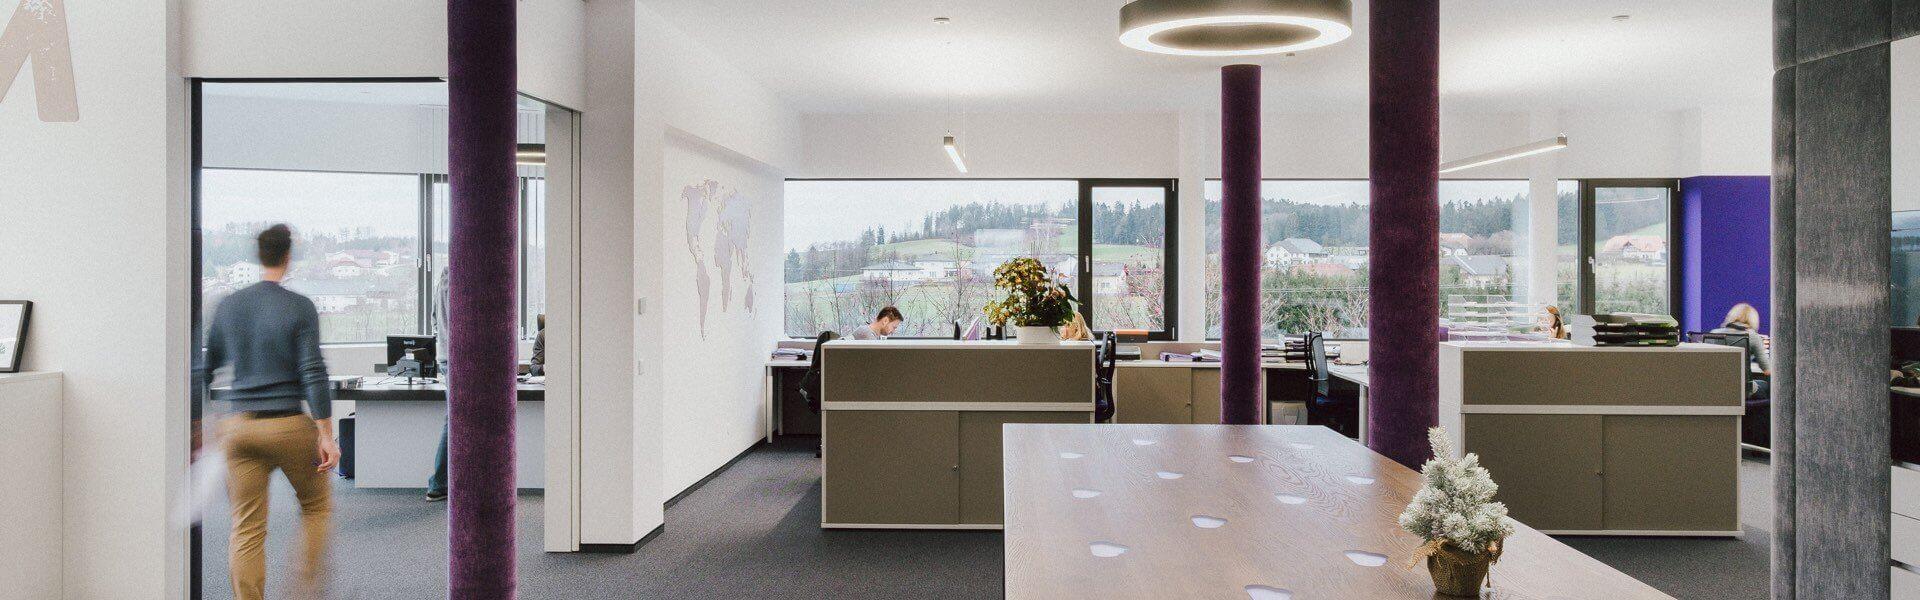 automazione ufficio